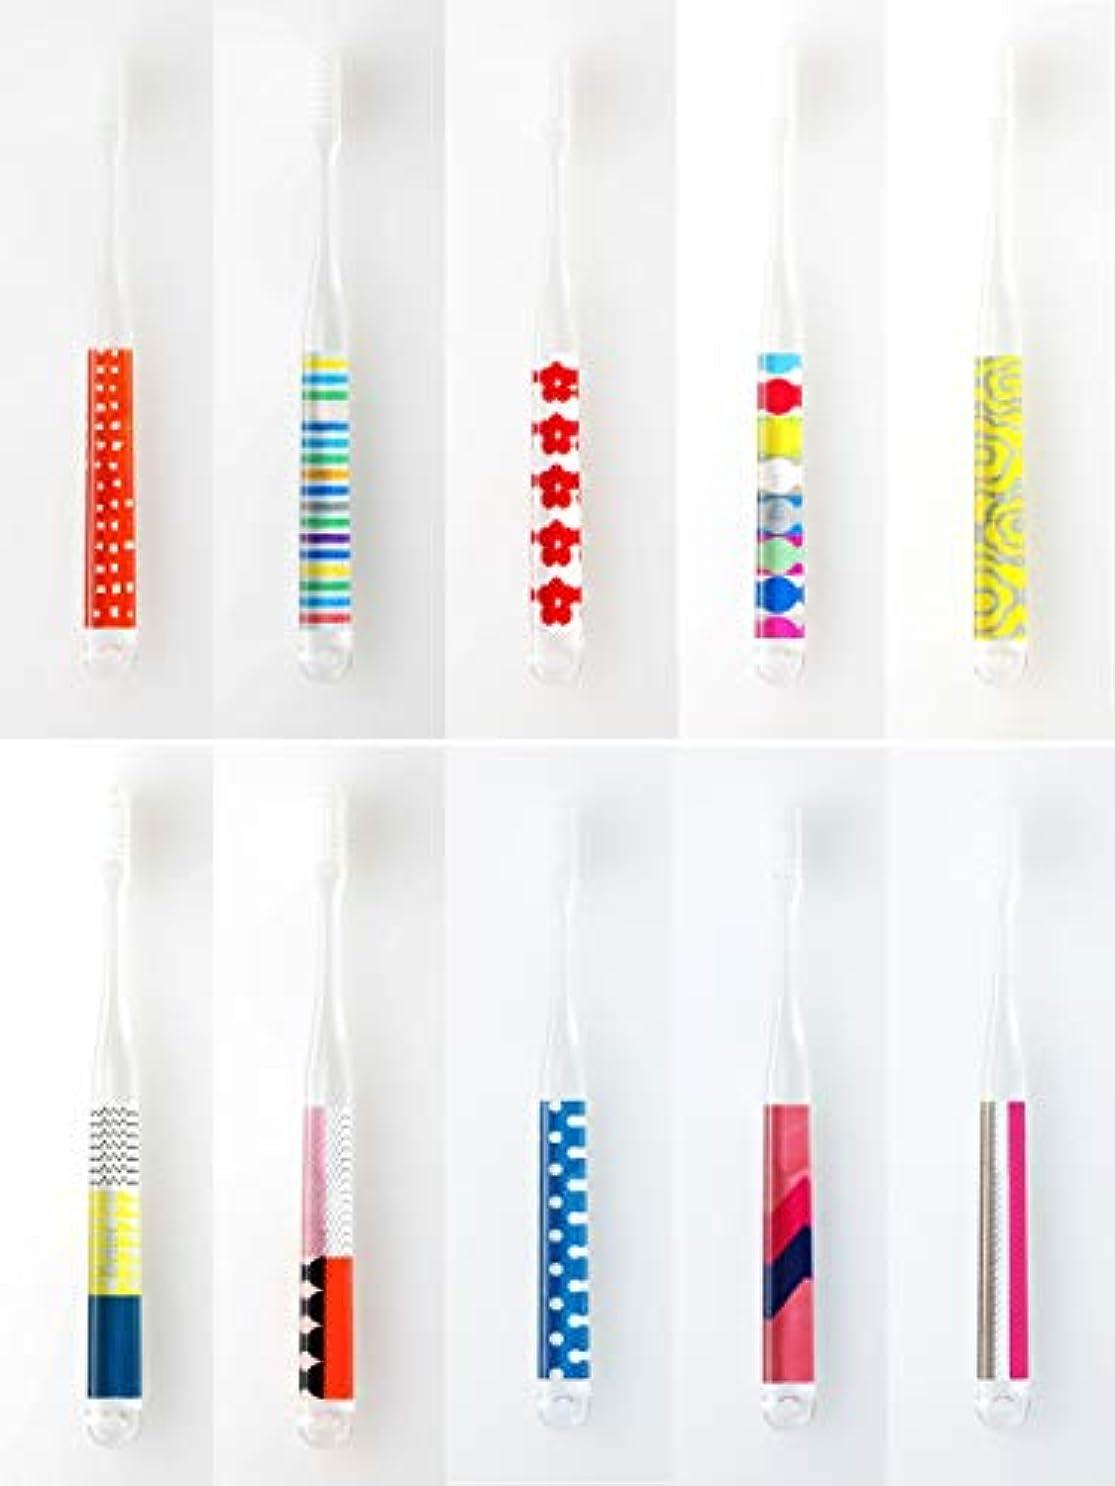 感謝する費やす浪費MOYO モヨウ 歯ブラシ POP 10本セット_562302-pop3 【F】,POP10本セット ハブラシ